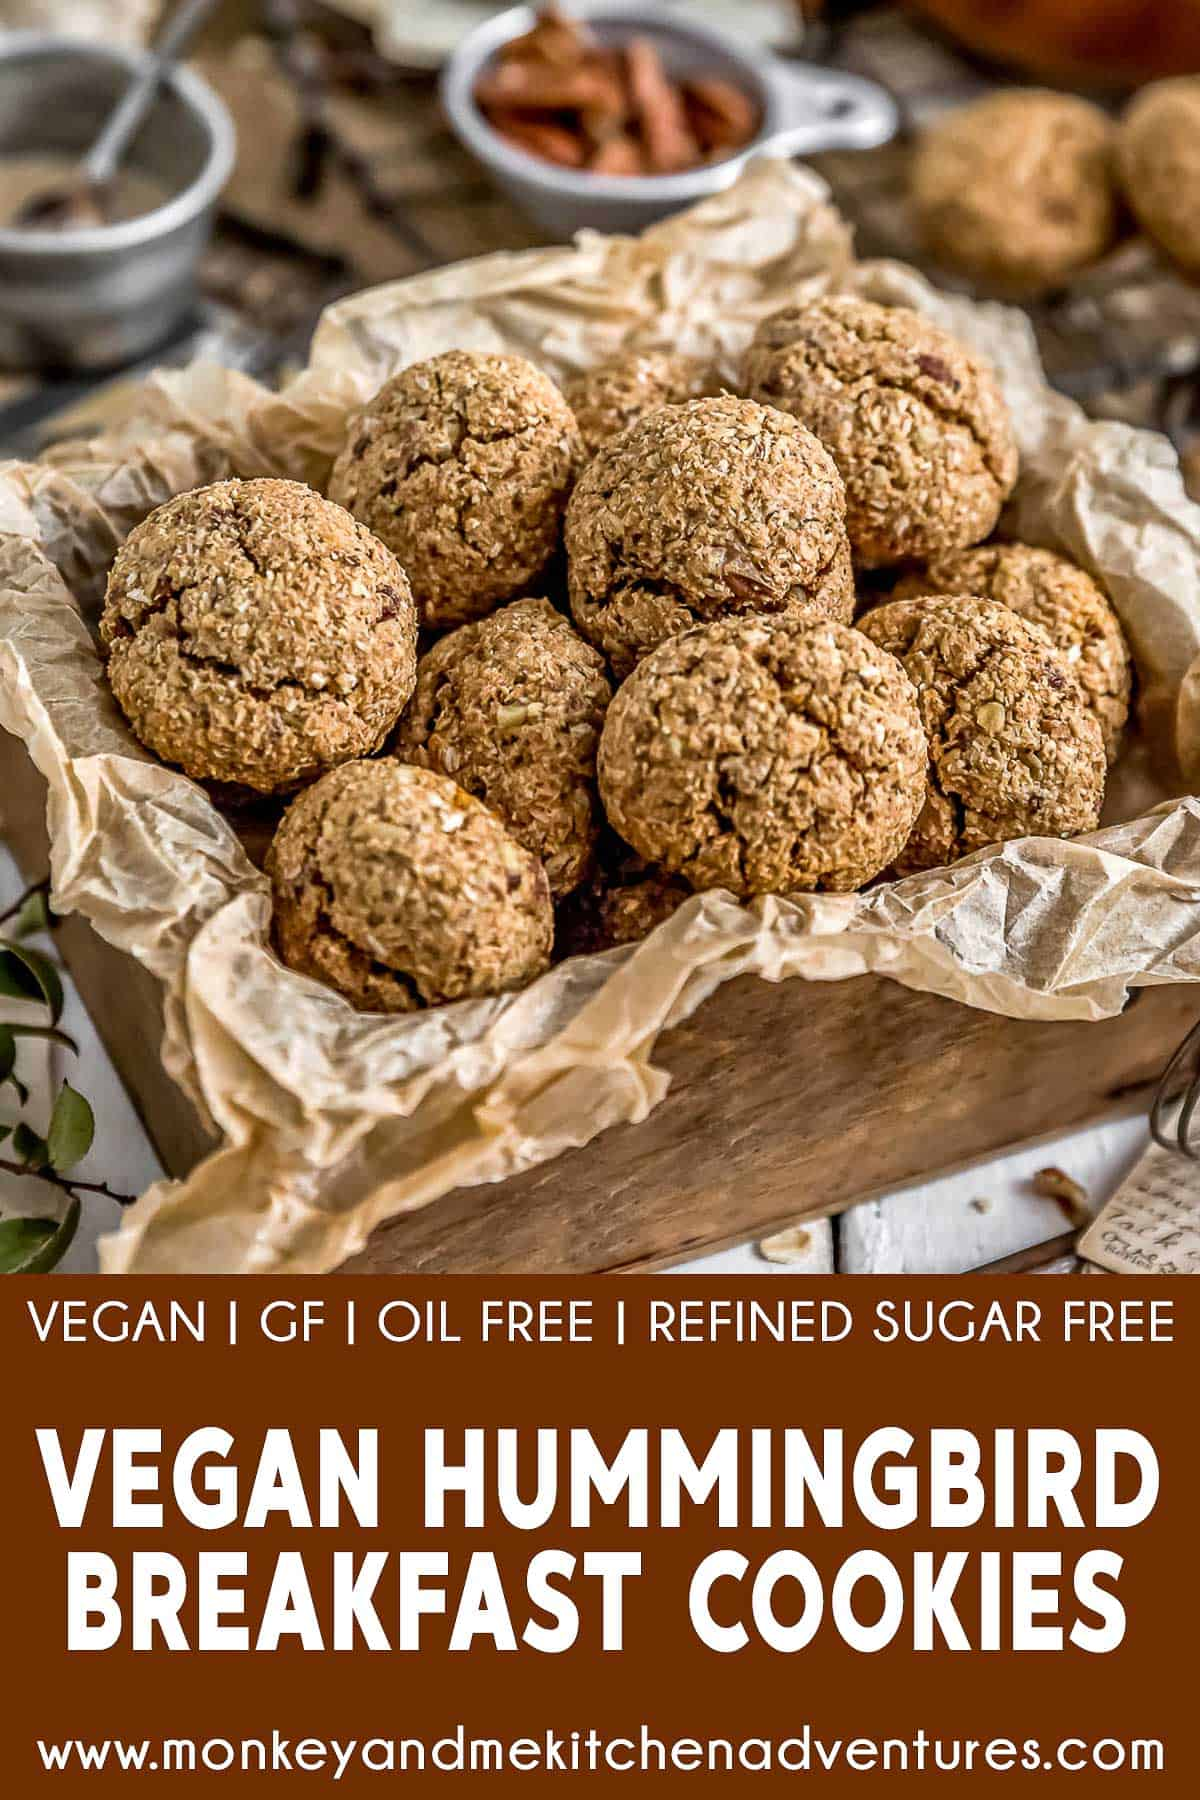 Vegan Hummingbird Breakfast Cookies with Text Description